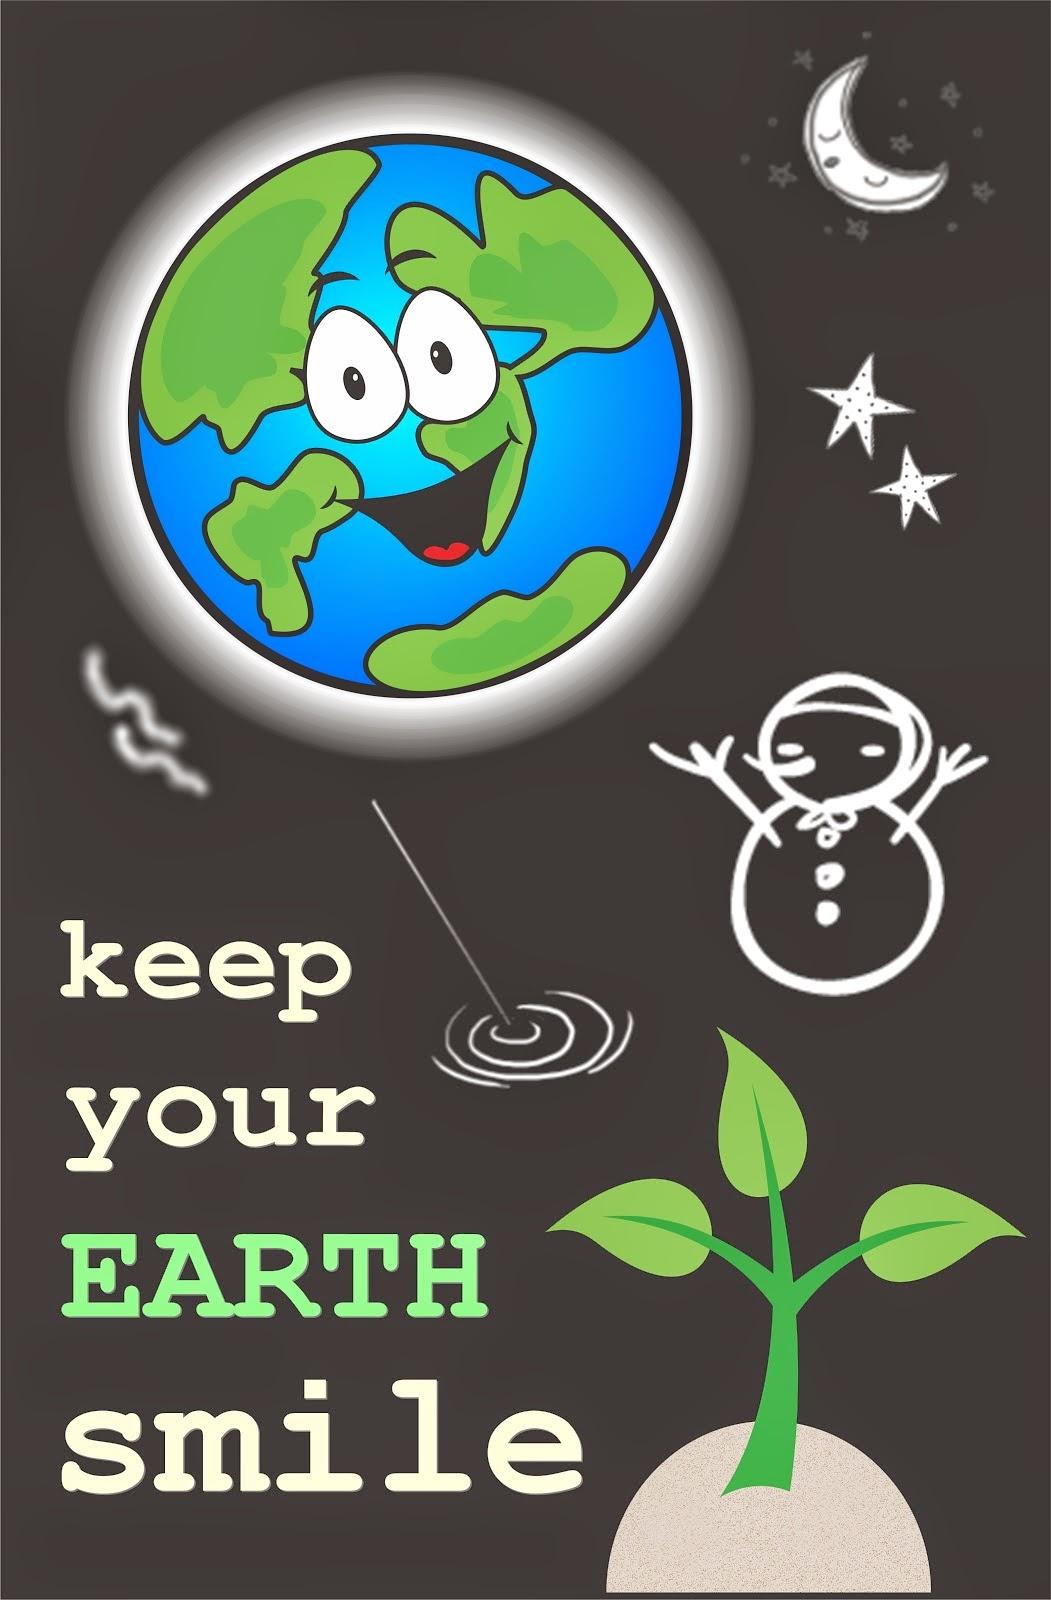 Contoh Poster Lingkungan Yang Menarik Pidato Tentang Pendidikan